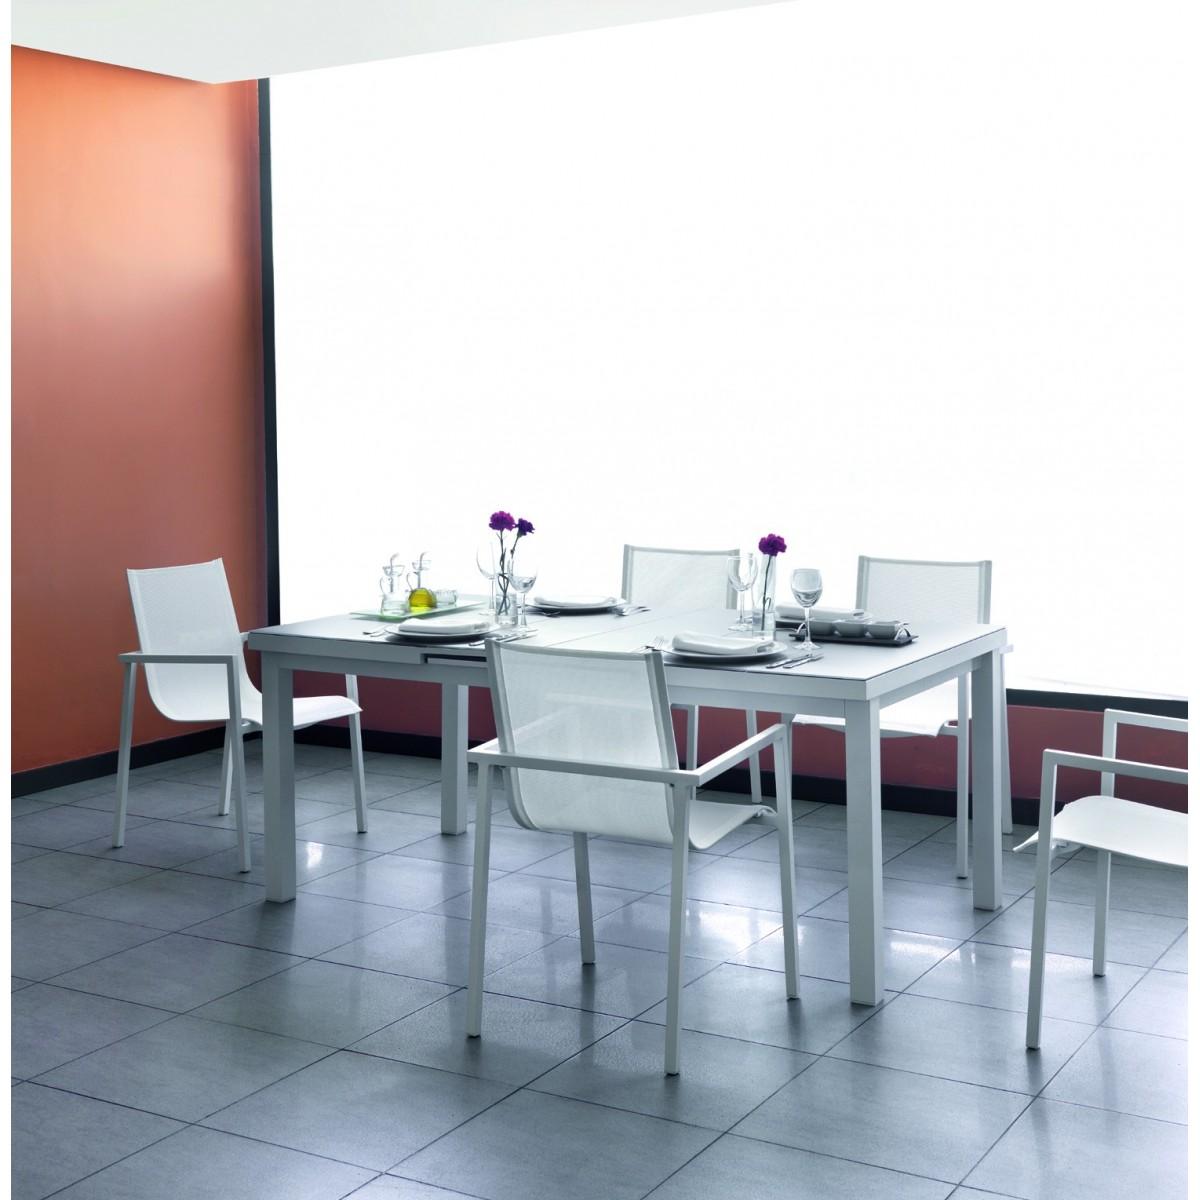 Table de repas en aluminium et verre sp cial ext rieur en for Table en aluminium exterieur